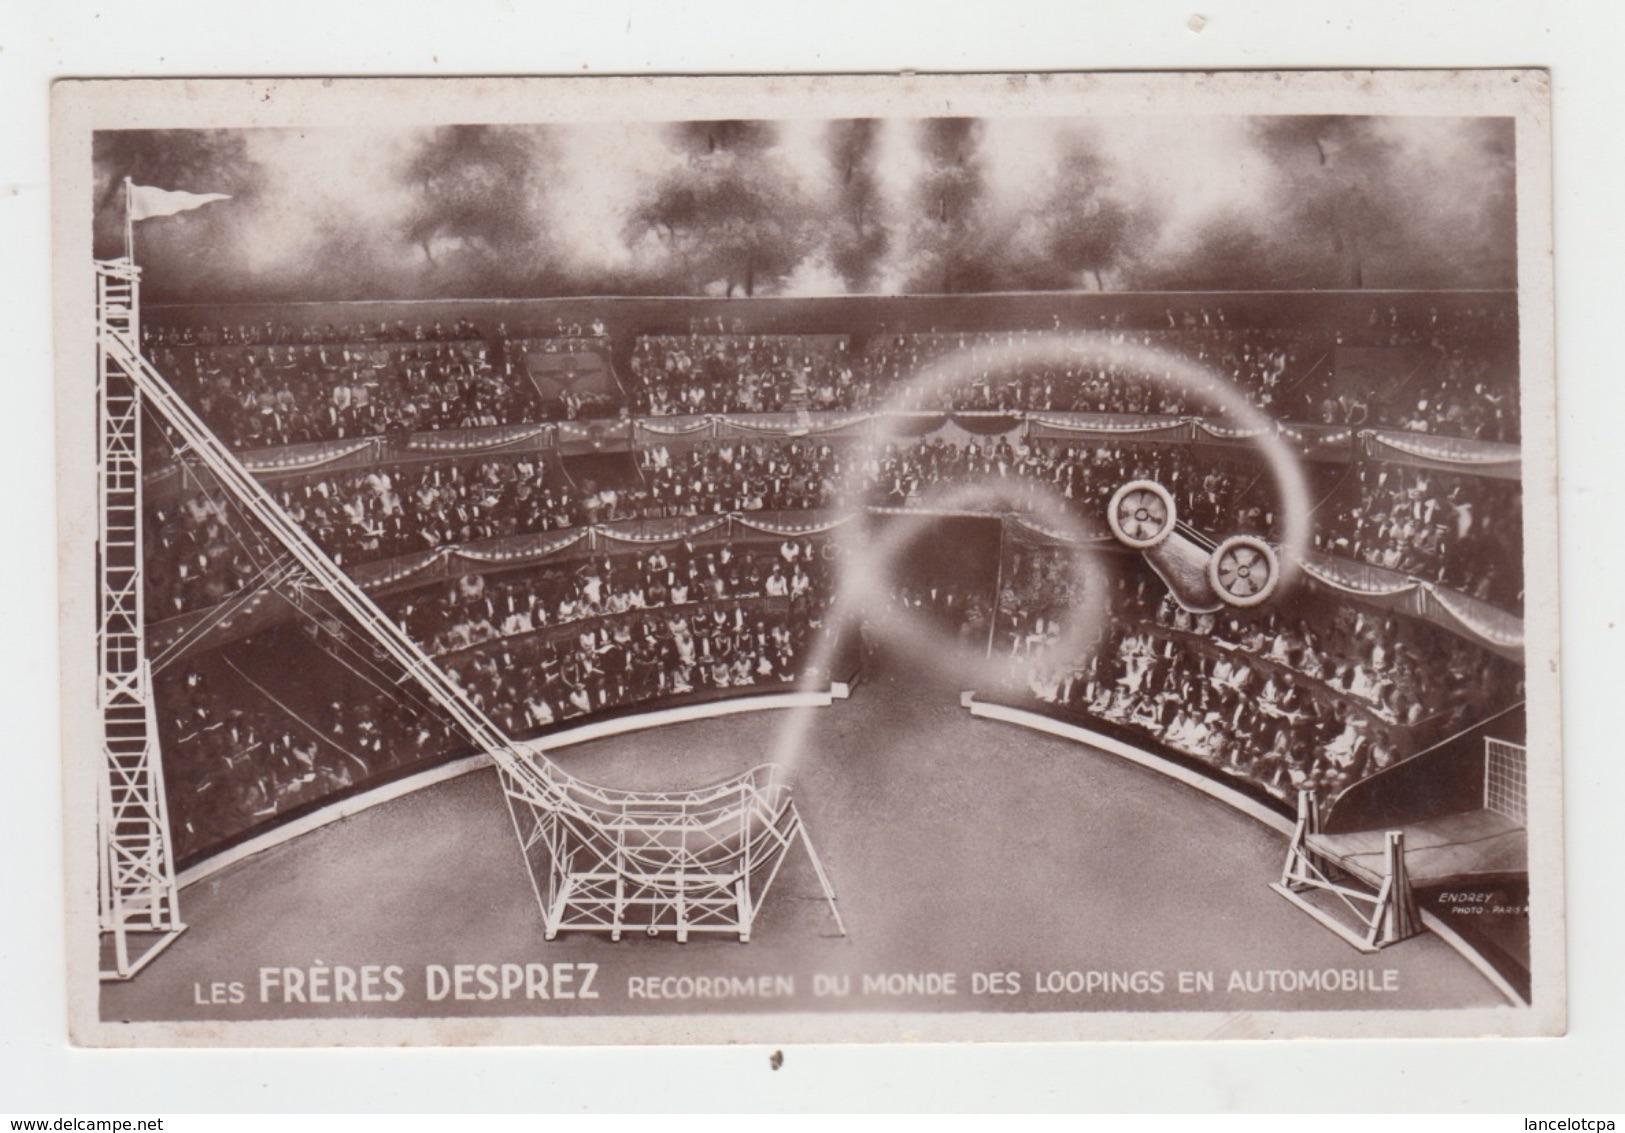 LE CIRQUE / LES FRERES DESPREZ - RECORDMEN DU MONDE DES LOOPINGS EN AUTOMOBILE - Circus